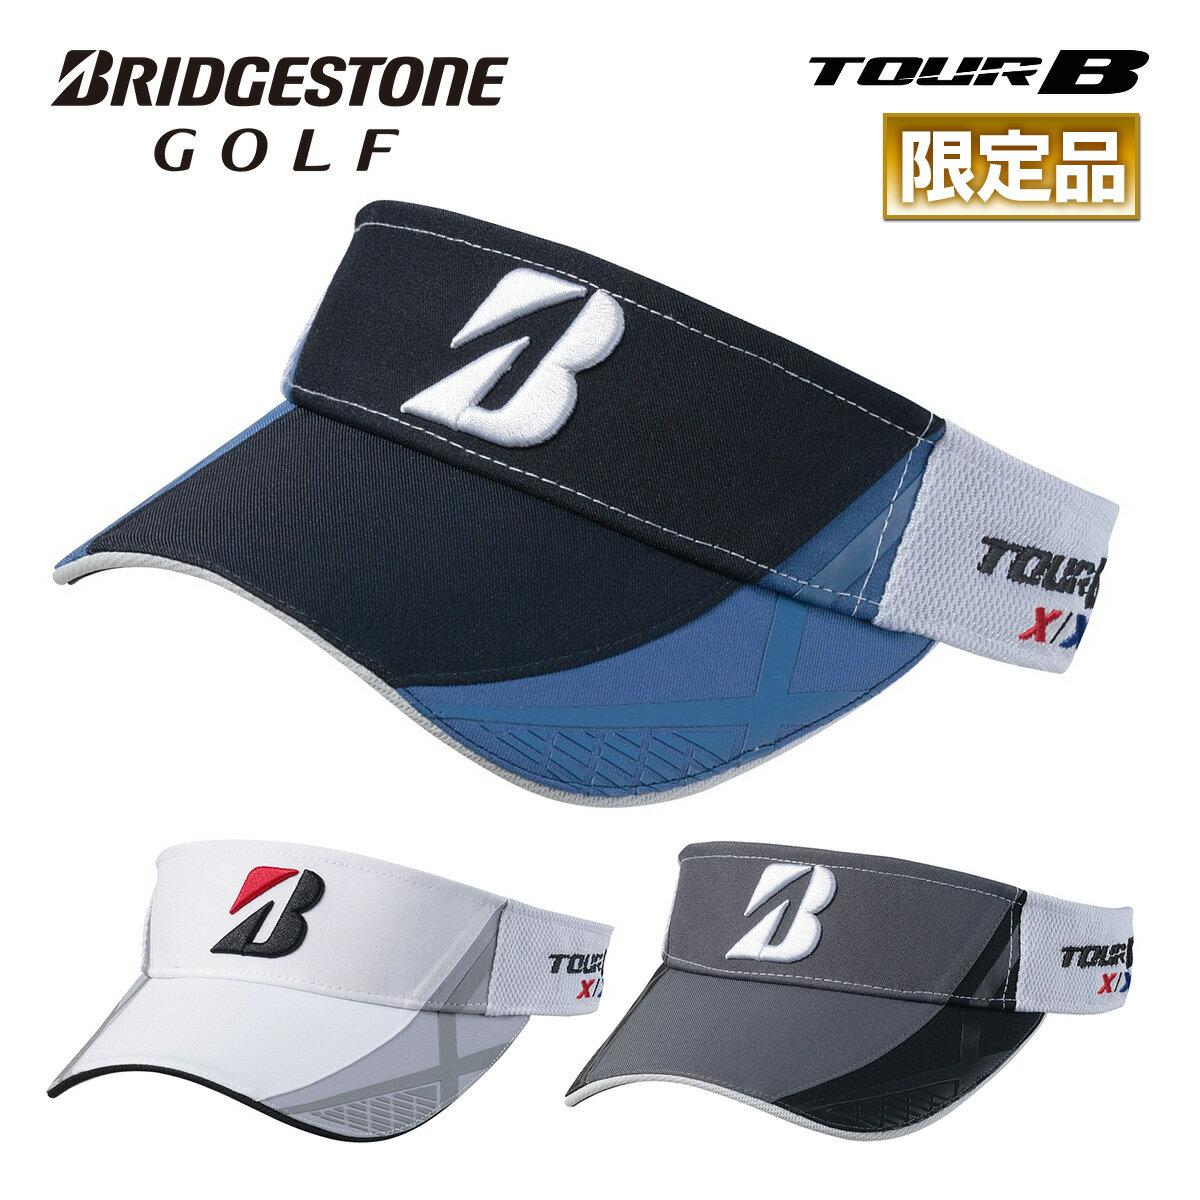 メンズウェア, 帽子・バイザー  BRIDGESTONE GOLF TOUR B 2020 CPSG02